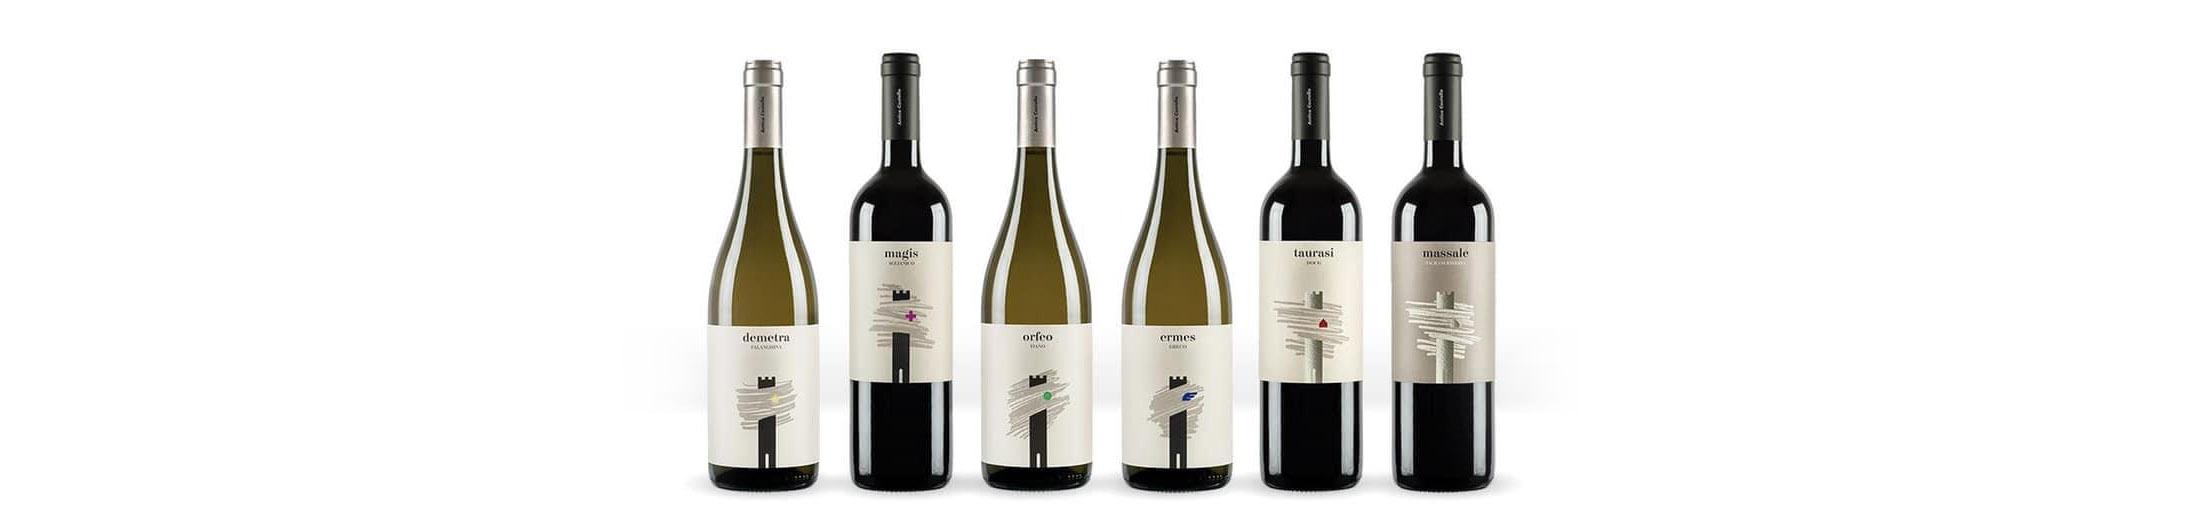 nostri vini